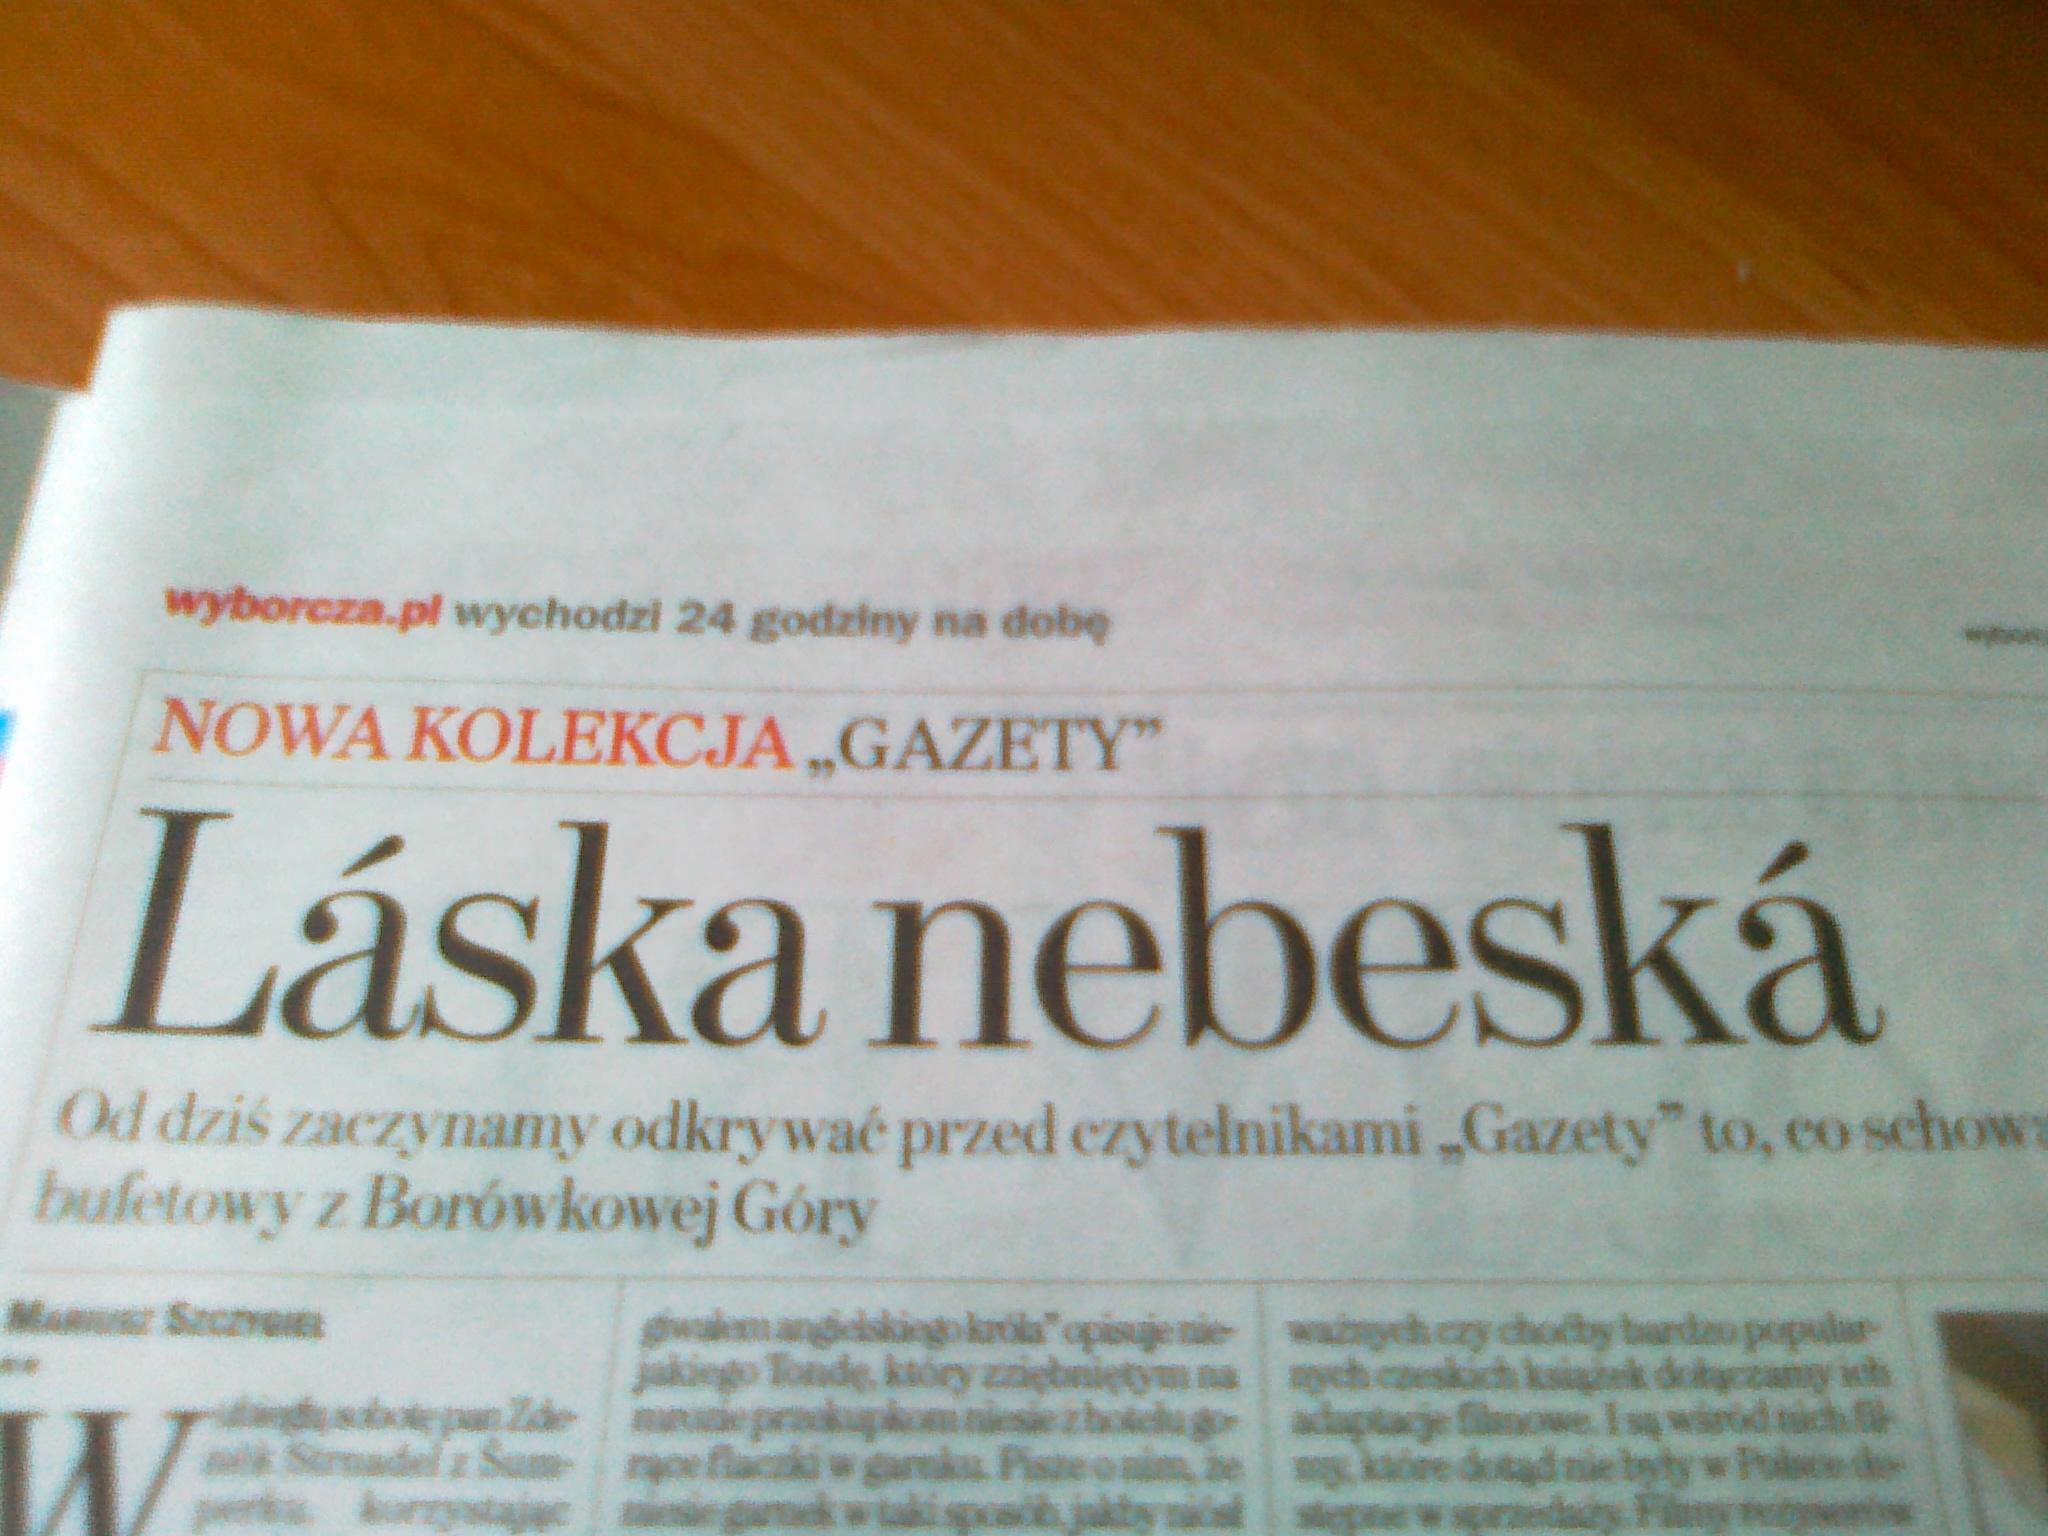 Jolanta Sztejka: Polacy nie gęsi?